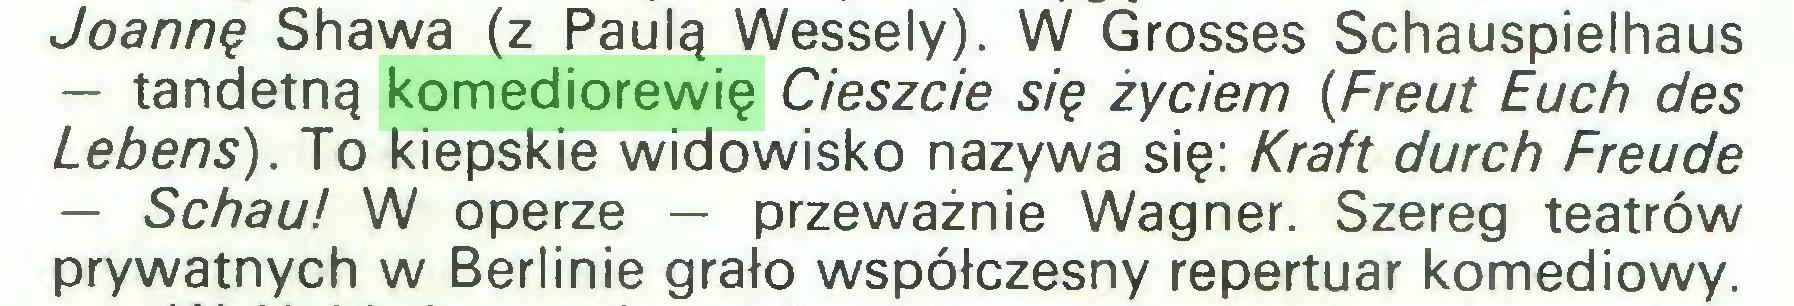 (...) Joannę Shawa (z Paulą Wessely). W Grosses Schauspielhaus — tandetną komediorewię Cieszcie się życiem (Freut Euch des Lebens). To kiepskie widowisko nazywa się: Kraft durch Freude — Schau! W operze — przeważnie Wagner. Szereg teatrów prywatnych w Berlinie grało współczesny repertuar komediowy...